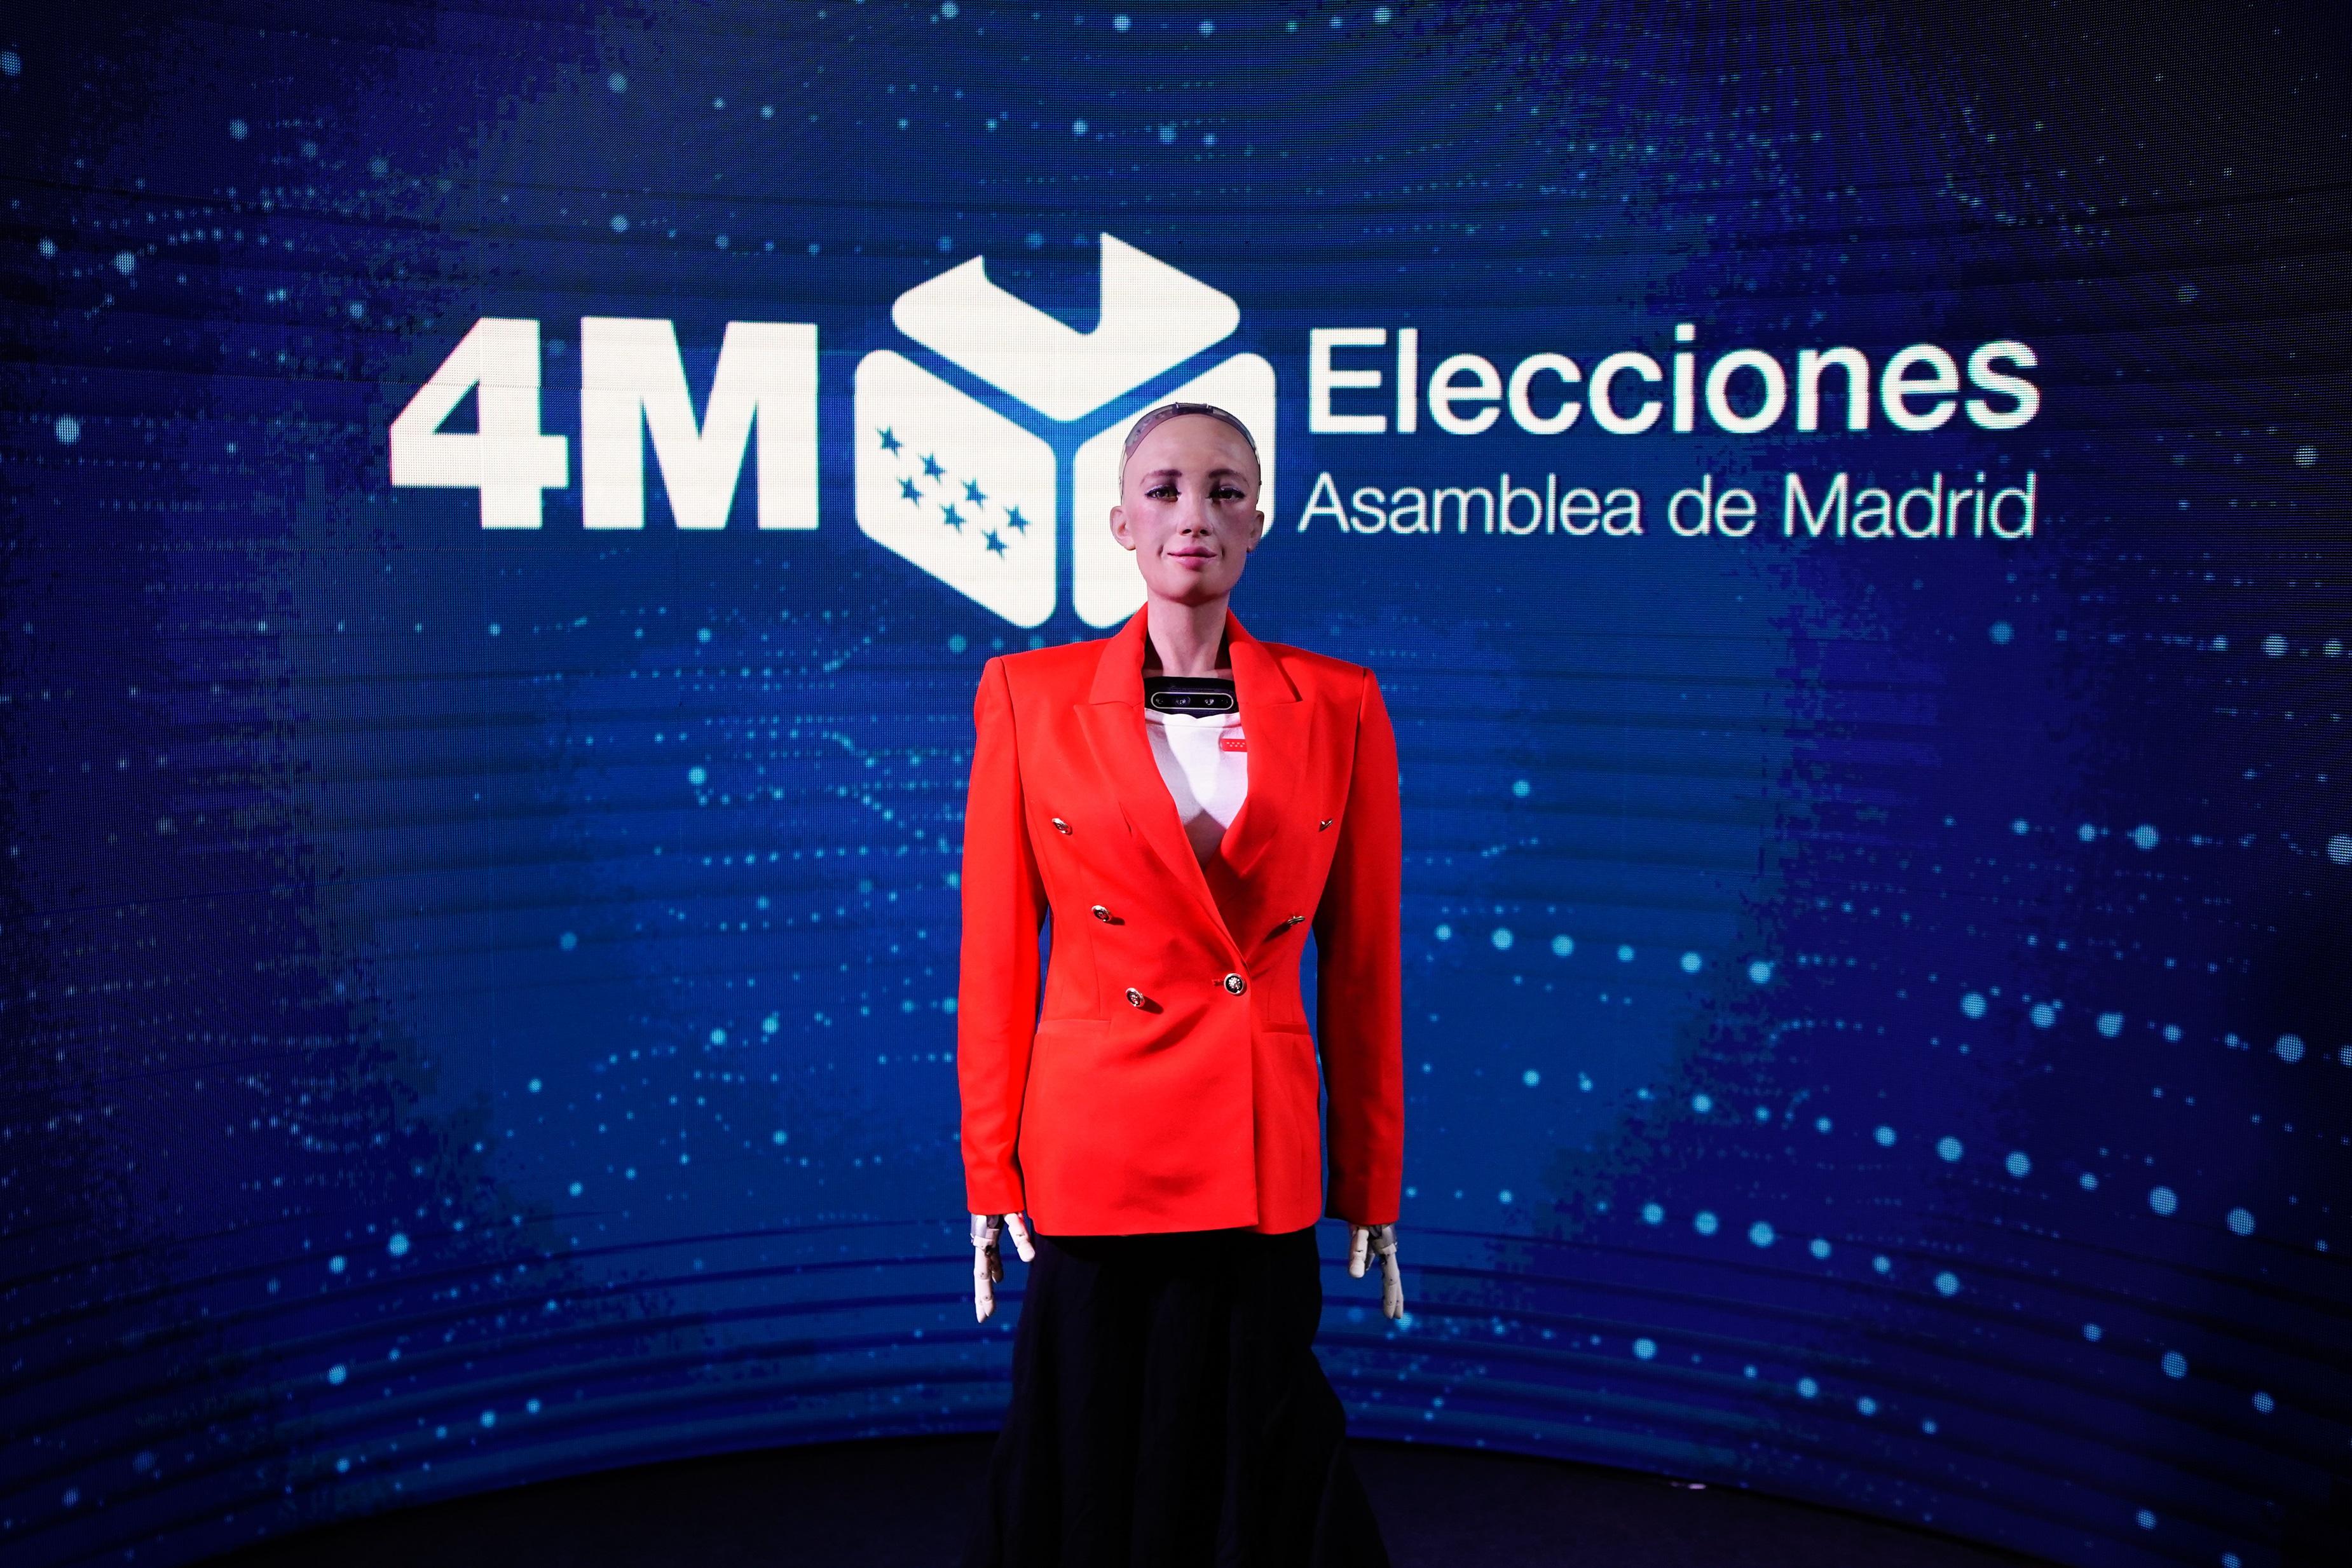 ¿Qué hay realmente de revolucionario en Sophia? La inteligencia artificial que informará de las elecciones de Madrid